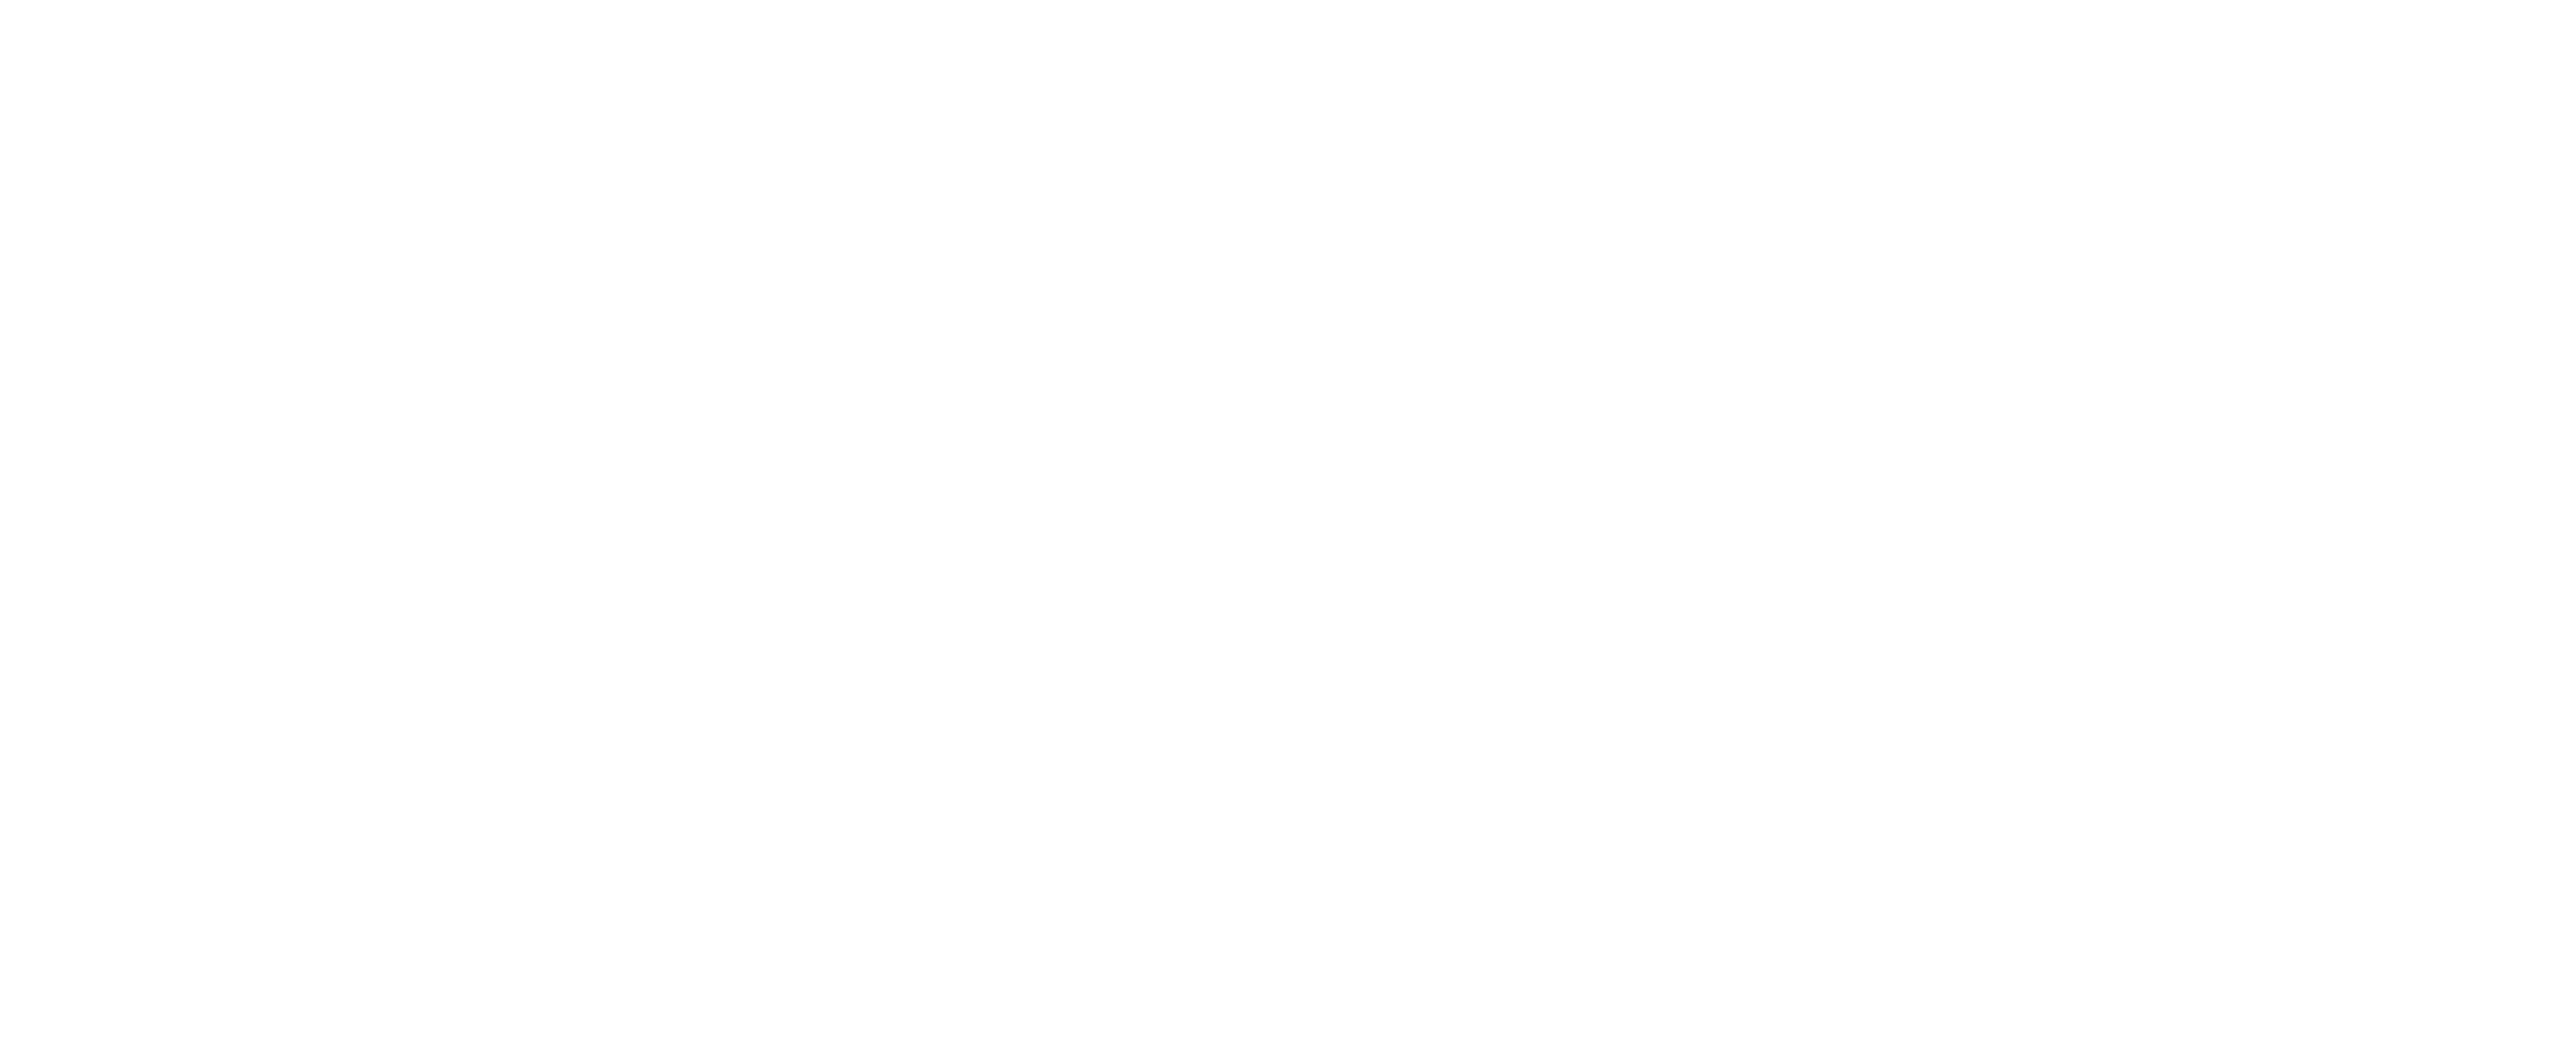 iStarto百客聚, 提供包括網站建設, seo服務, 搜索行銷, 社媒廣告, 行銷自動化, 搜索引擎優化等互聯網廣告技術服務。